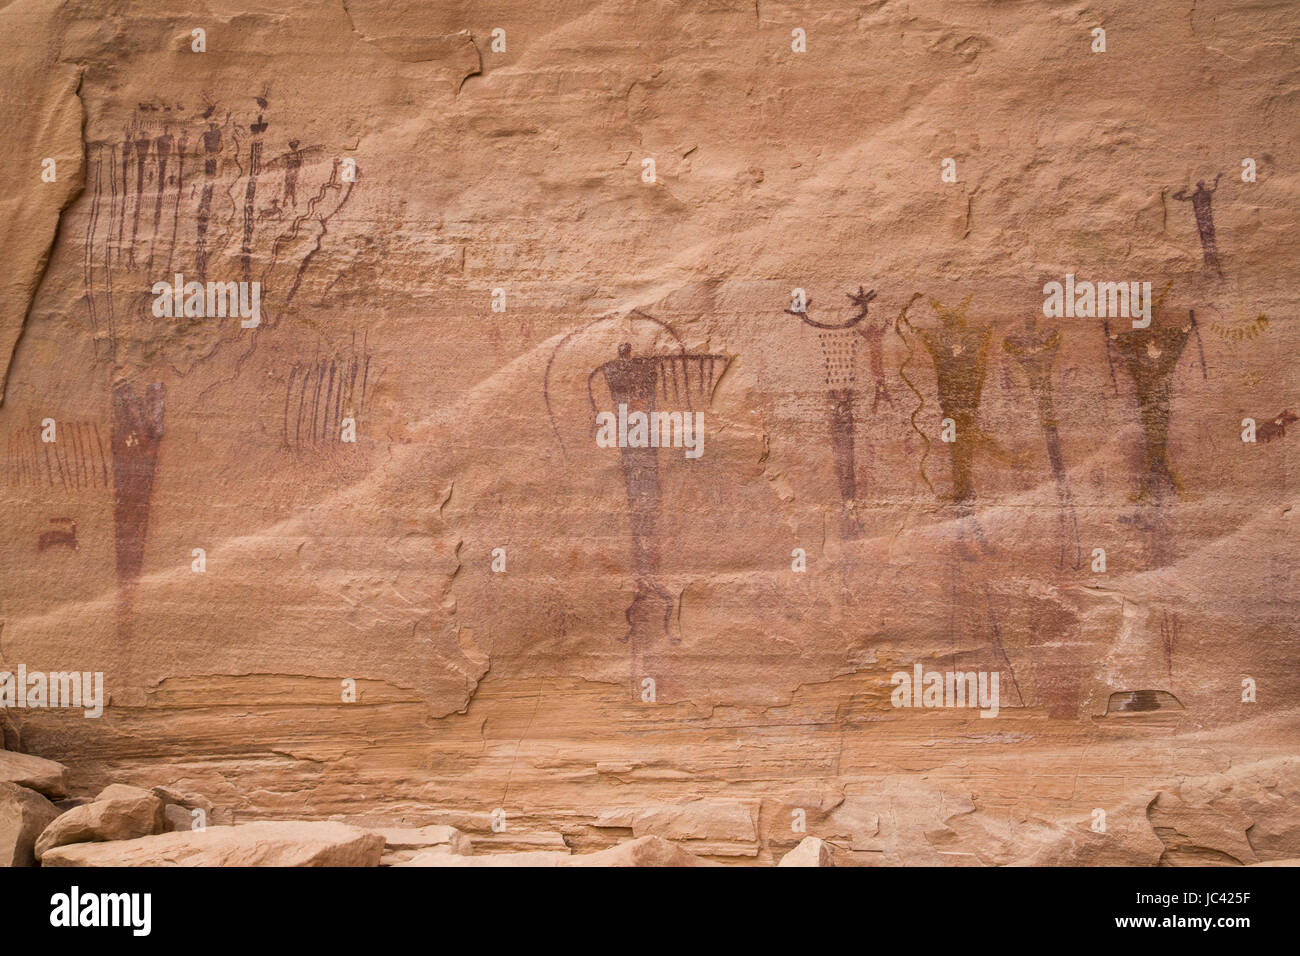 Buckhorn Wash Pictograph Panel, San Rafael Swell, Utah, USA - Stock Image